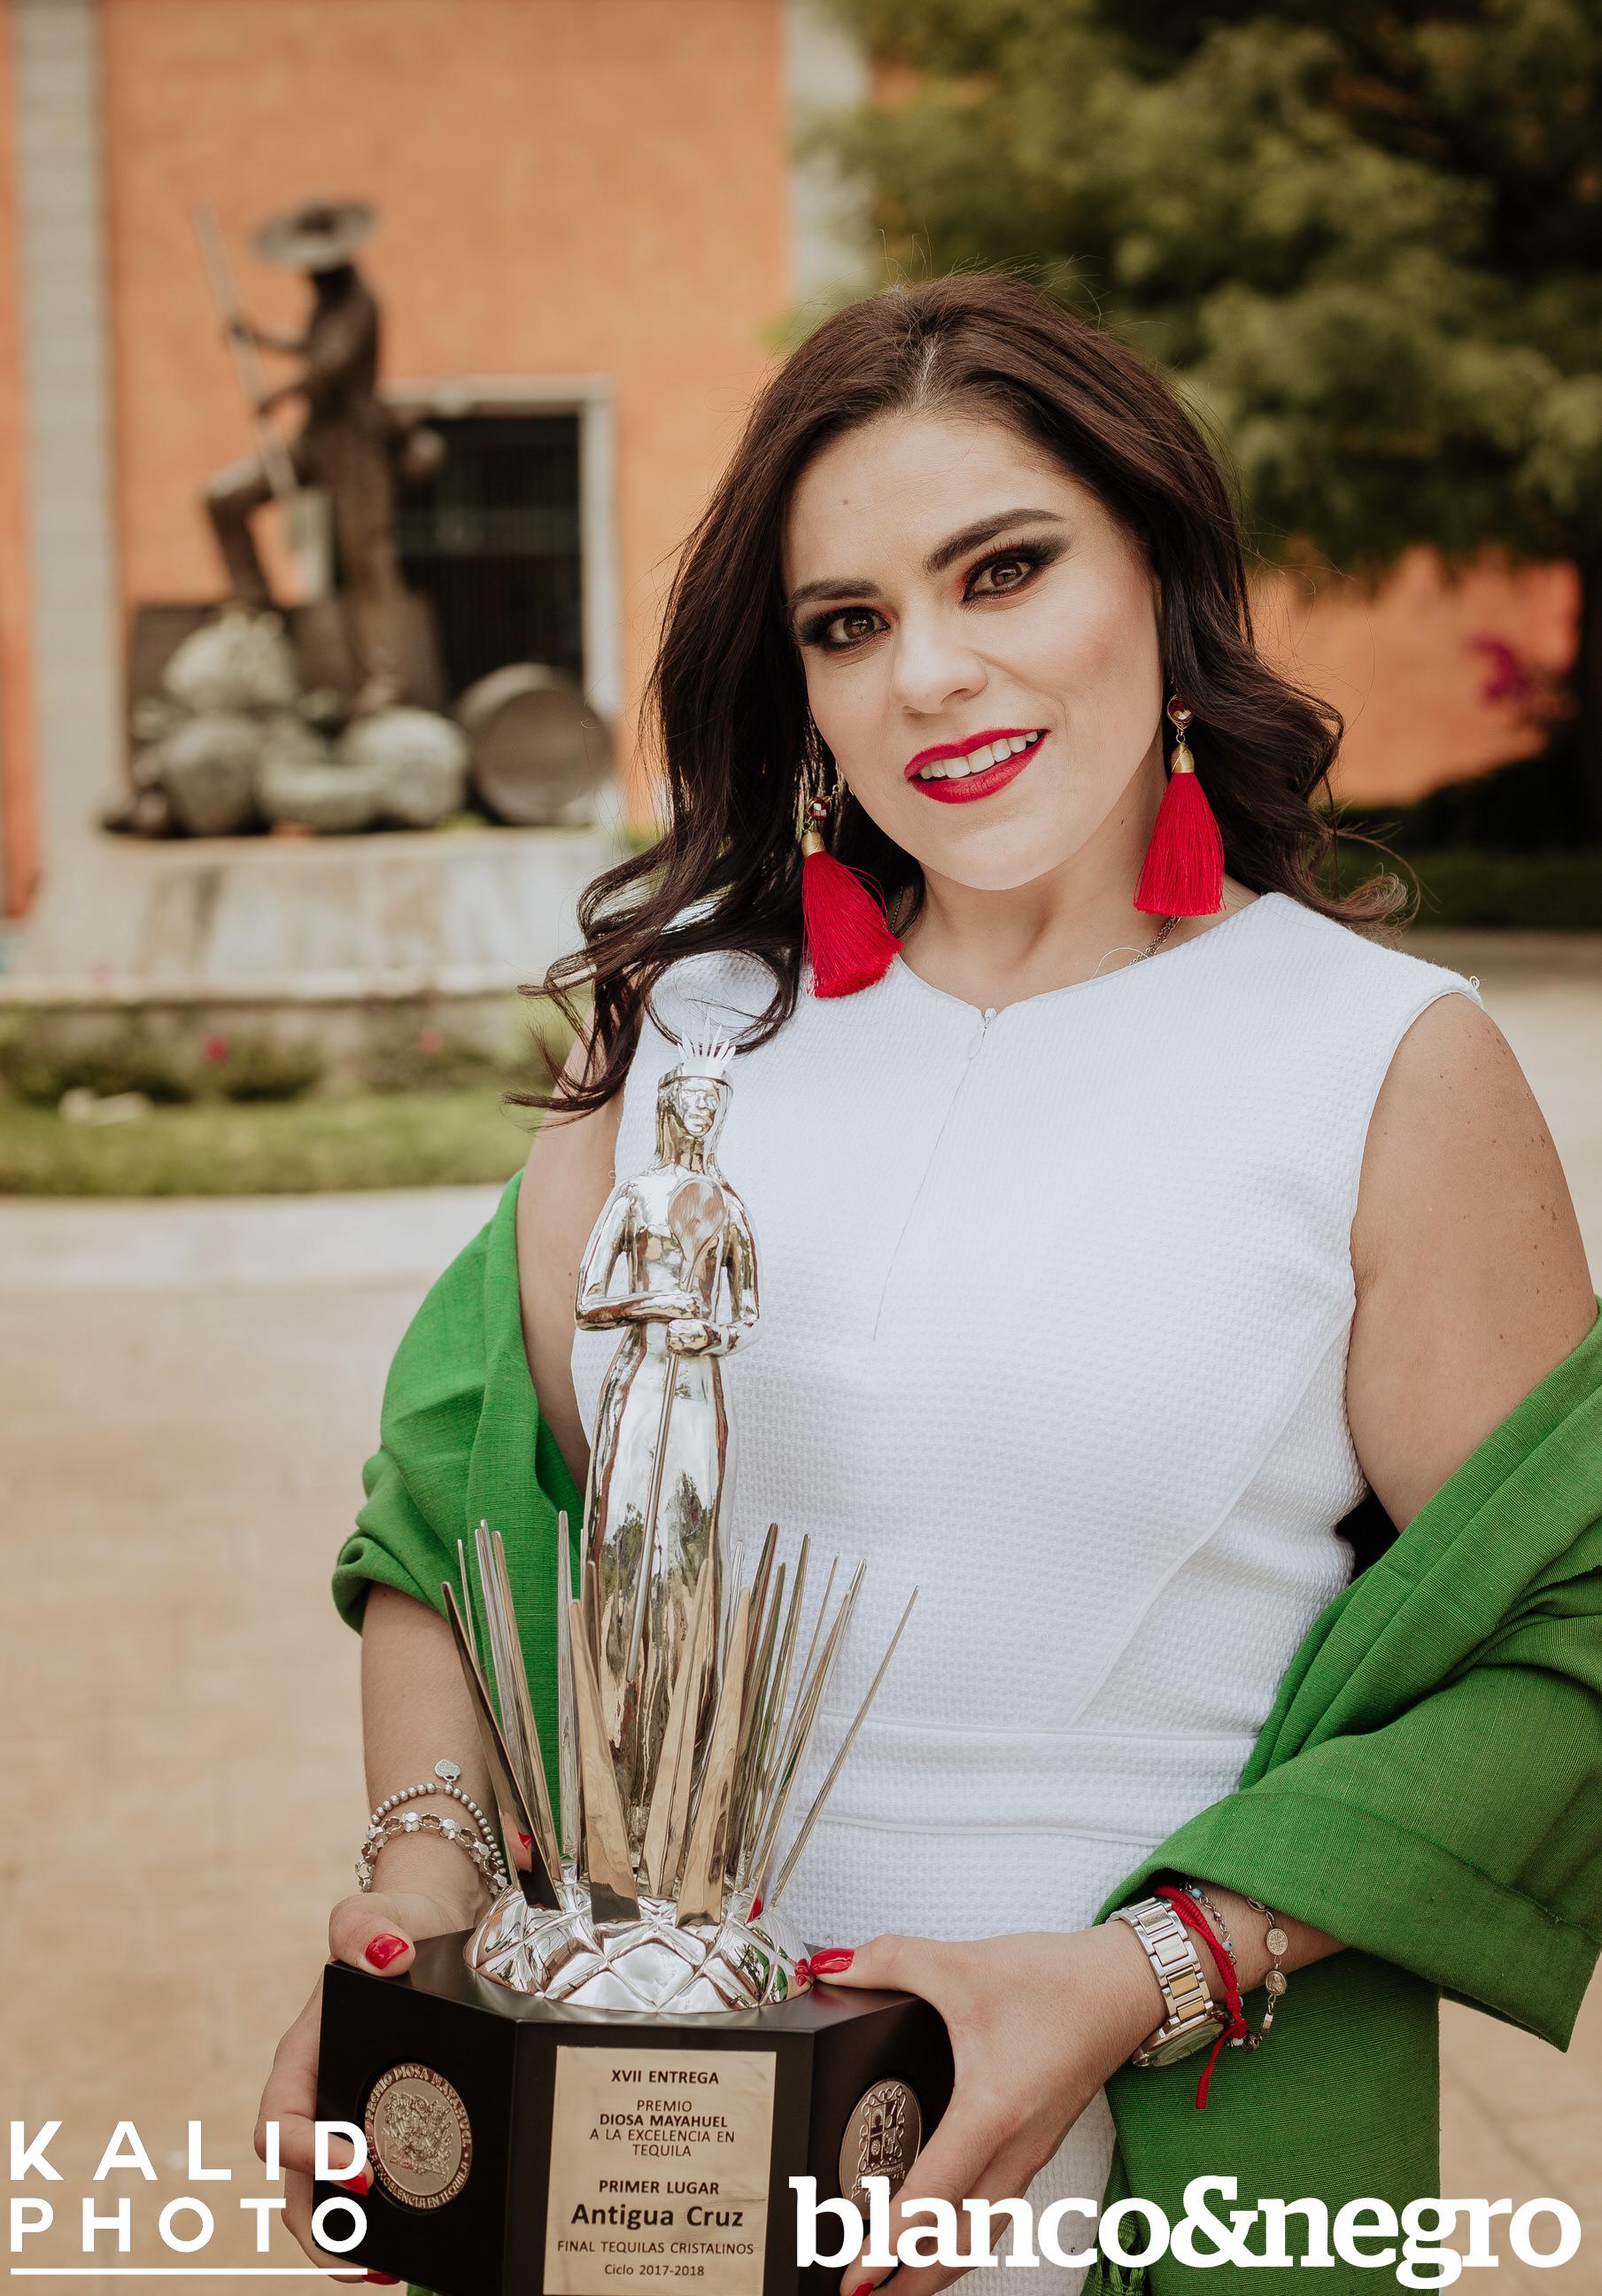 Mayra-BlancoYnegro-483